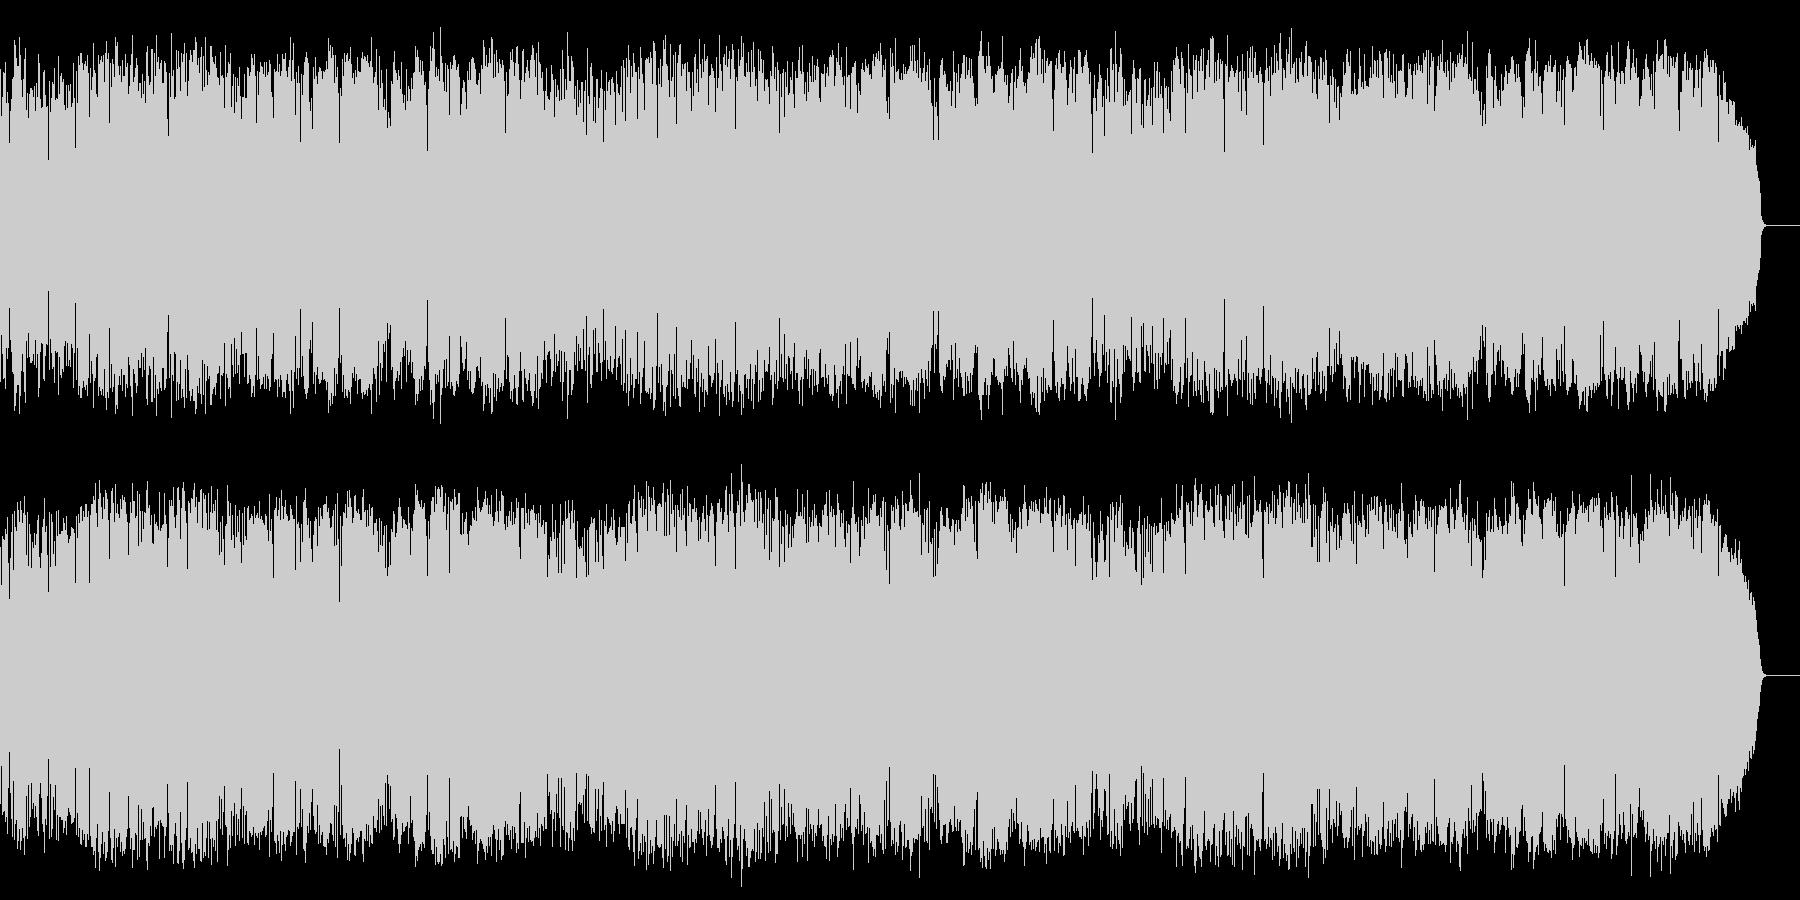 情熱的でメロディアスな8ビートの昭和歌謡の未再生の波形